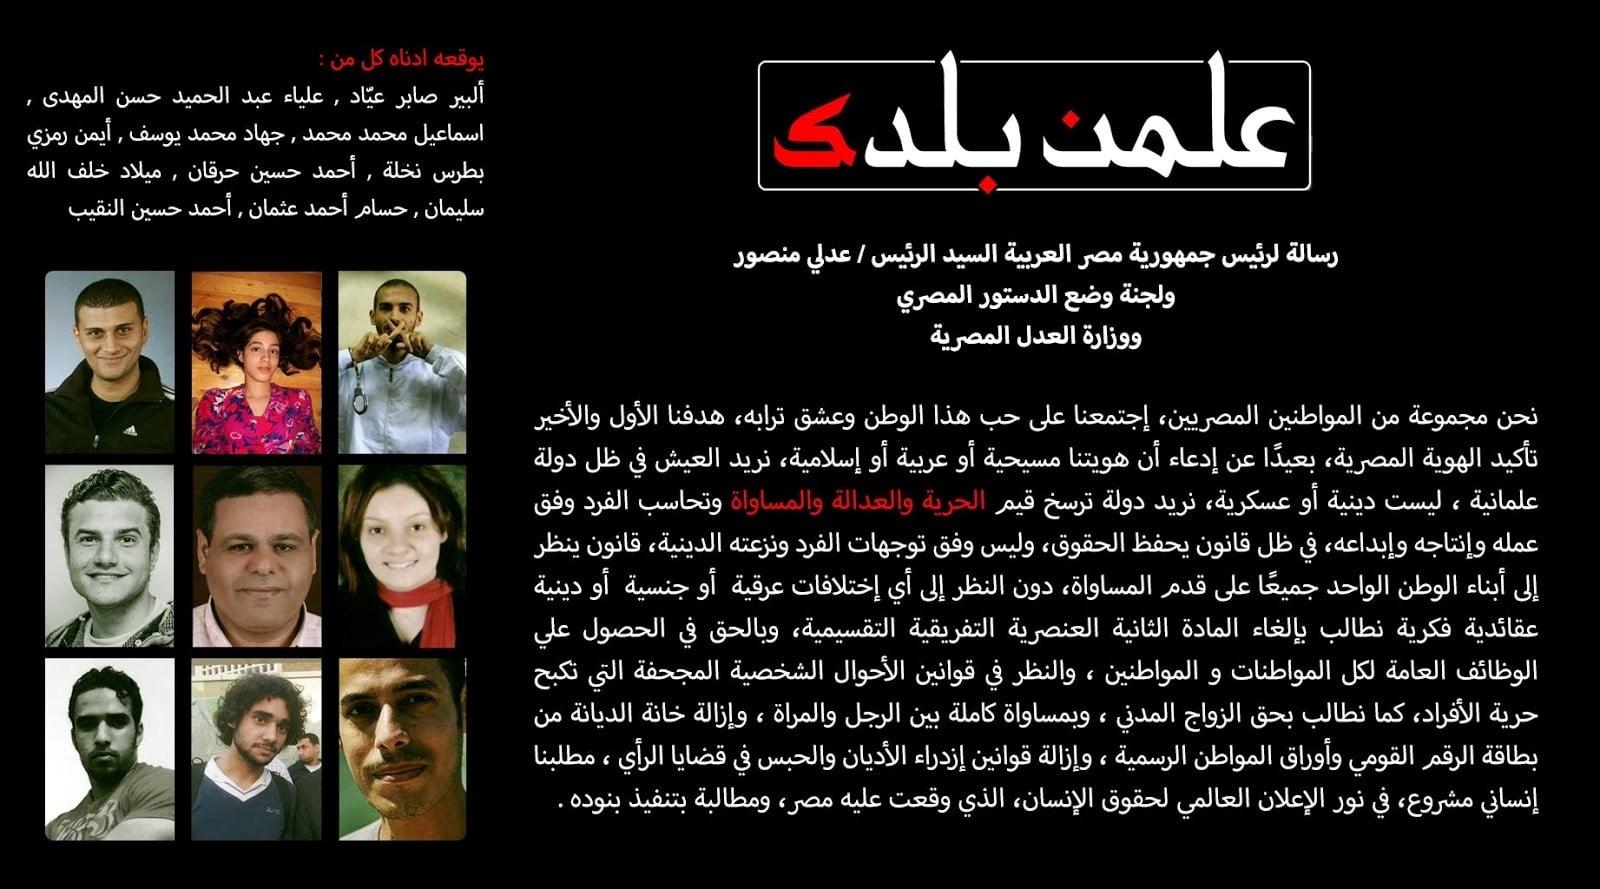 الإلحاد والملحدون في مصر (3) بين 25 يناير2011 و30 يونيو 2013-12